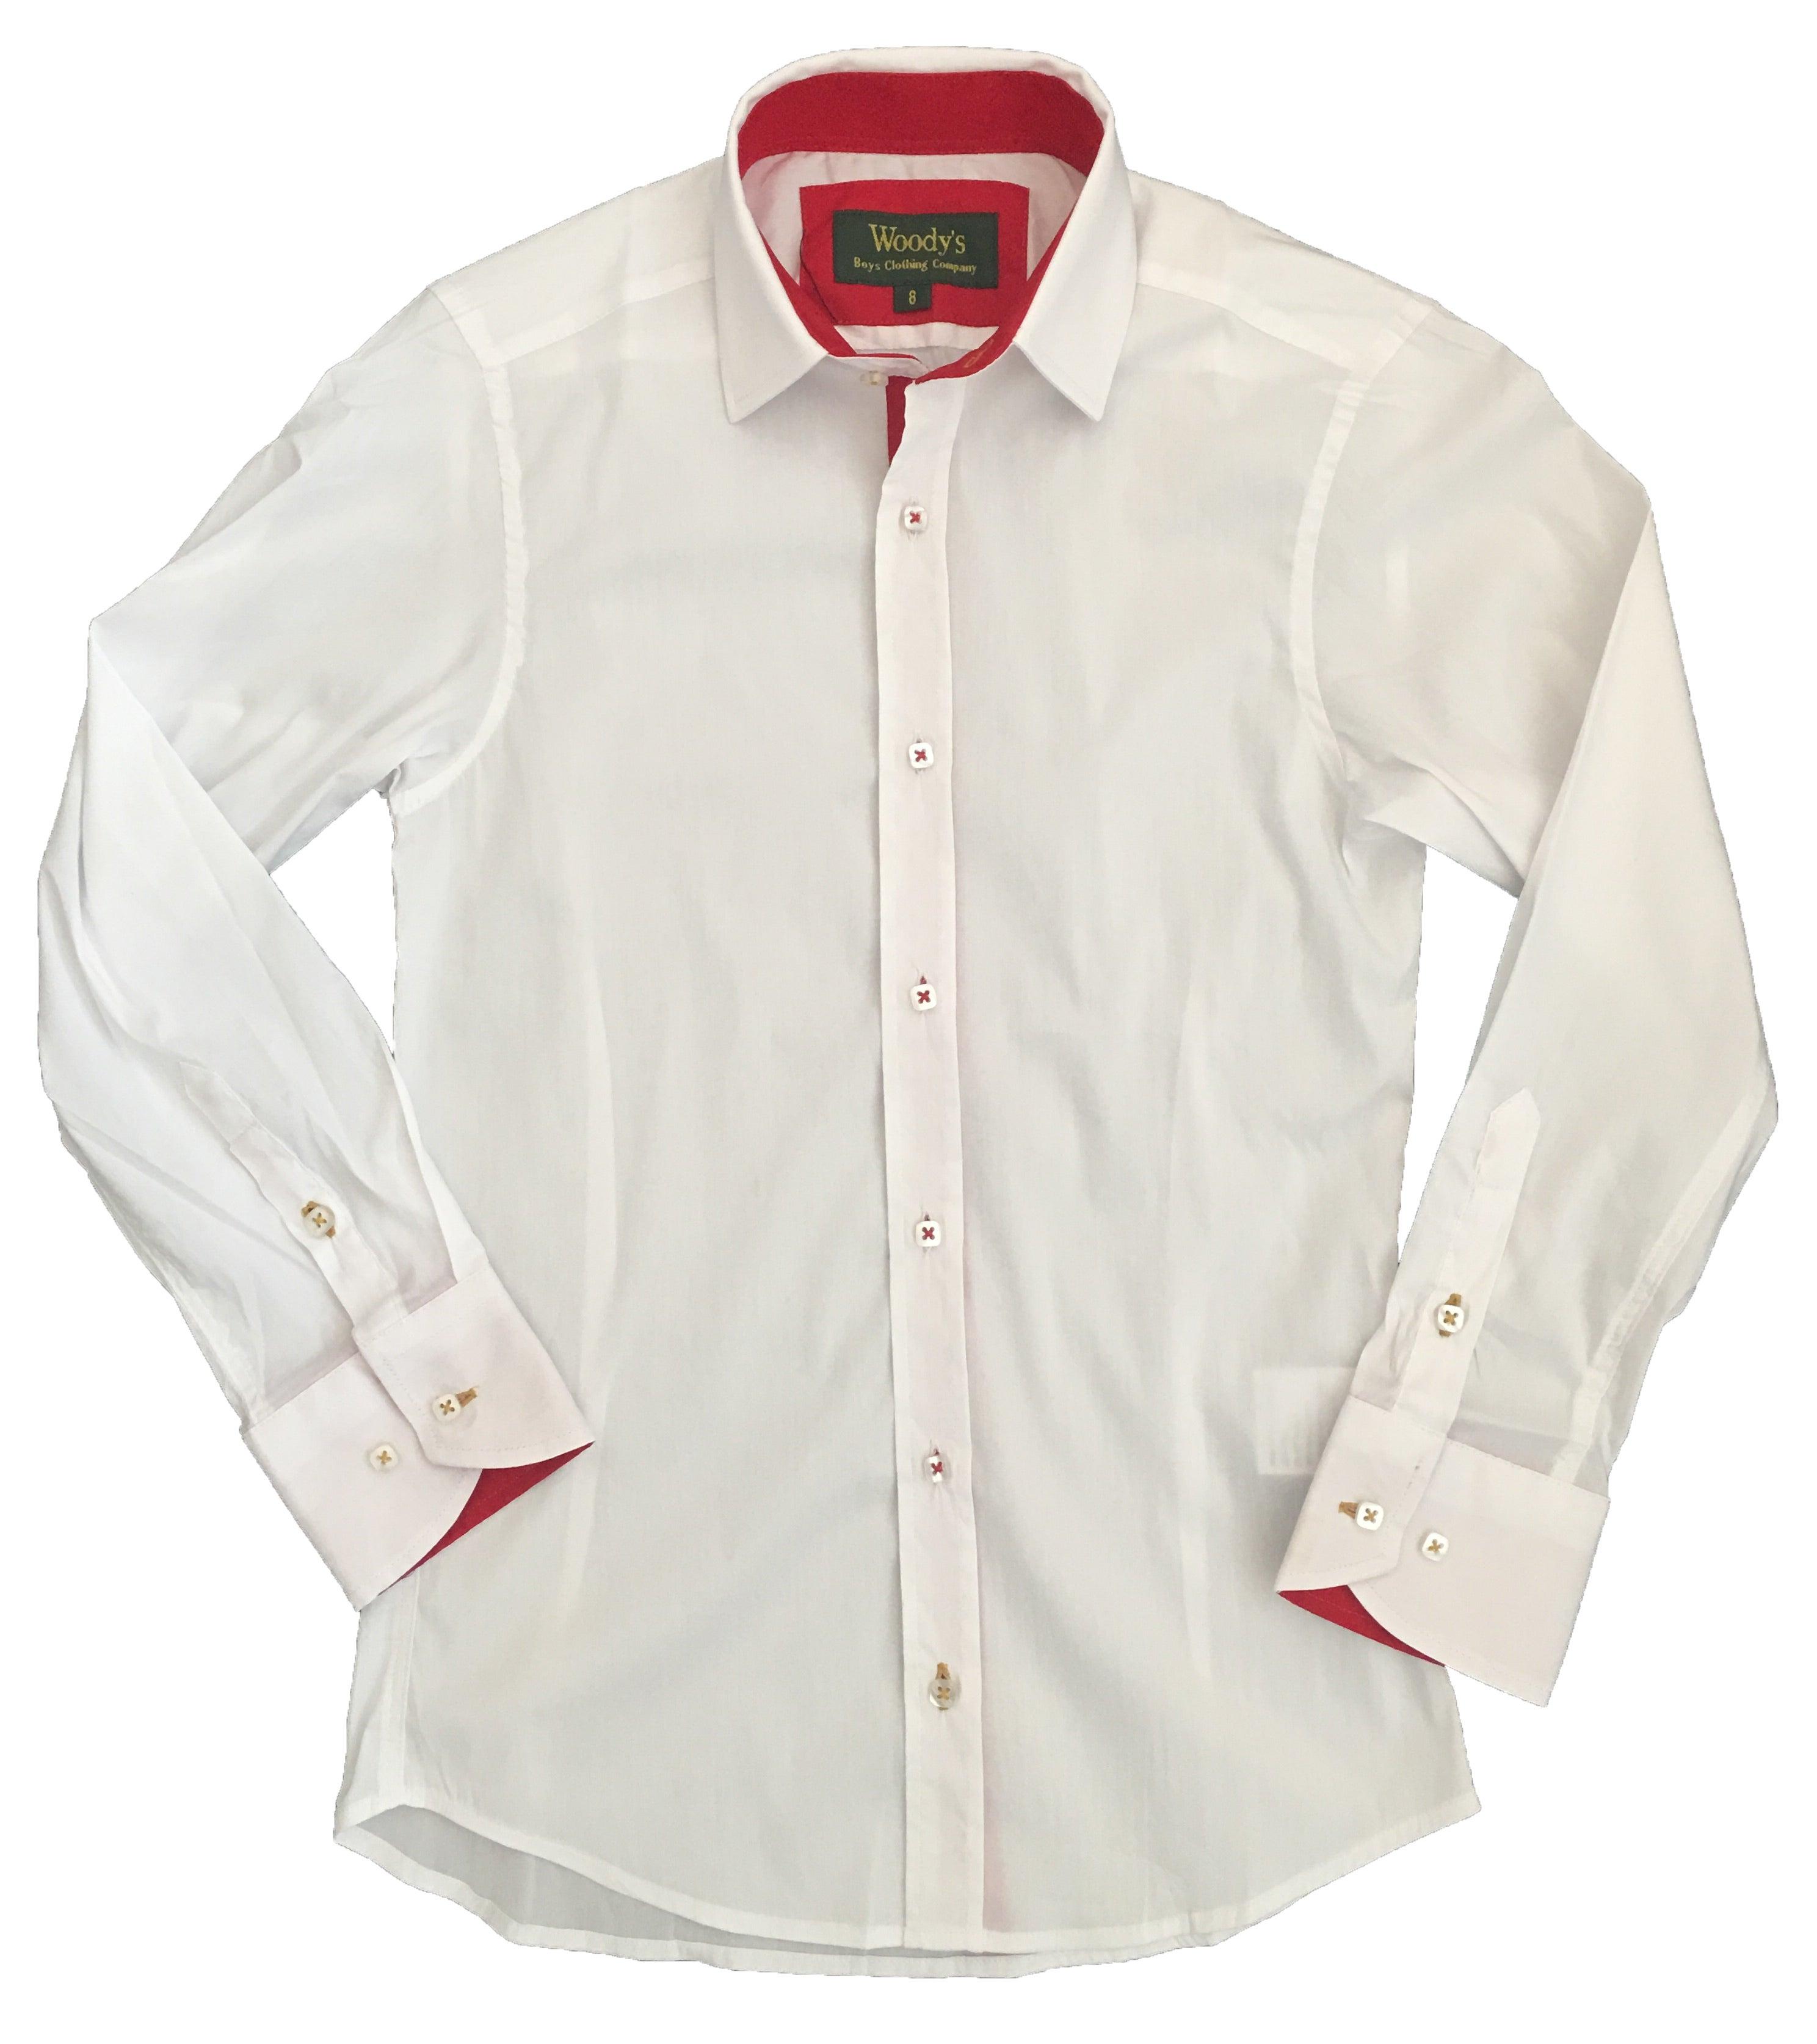 White w/Red Trim Party Shirt / Woodys Boyswear